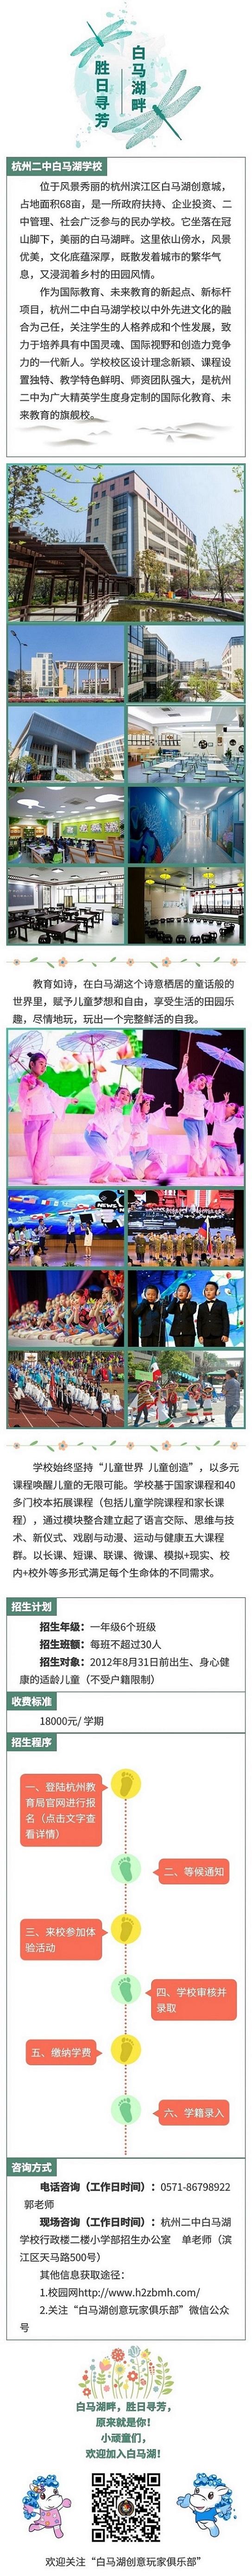 杭州二中白马湖学校小学部2018年招生简章